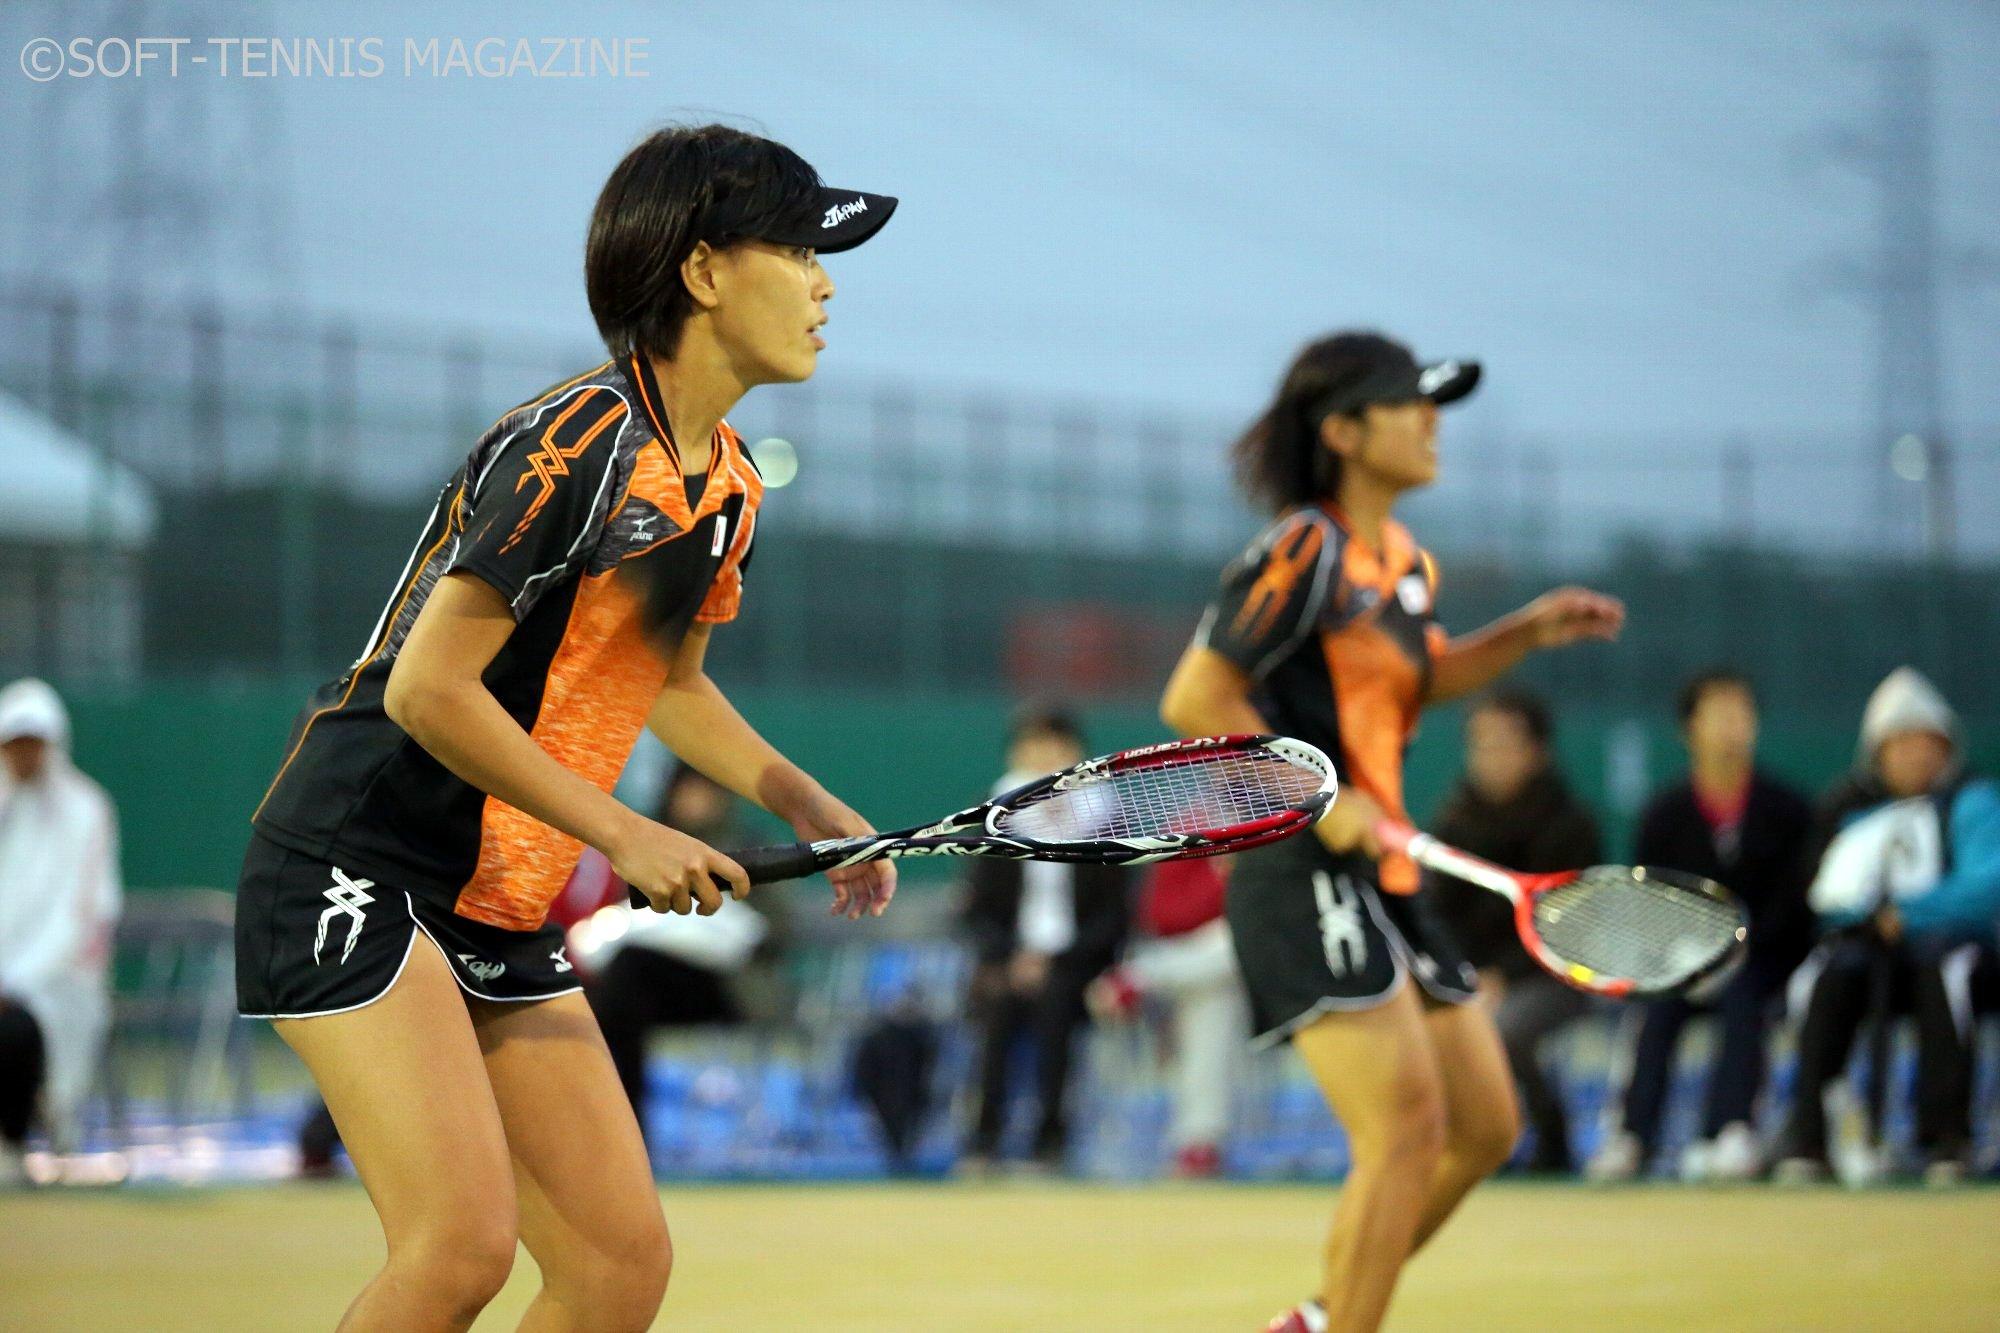 女子チームいちの経験豊富な森原(左)は中川とのペアで個人戦悲願のV。国別対抗でも期待!